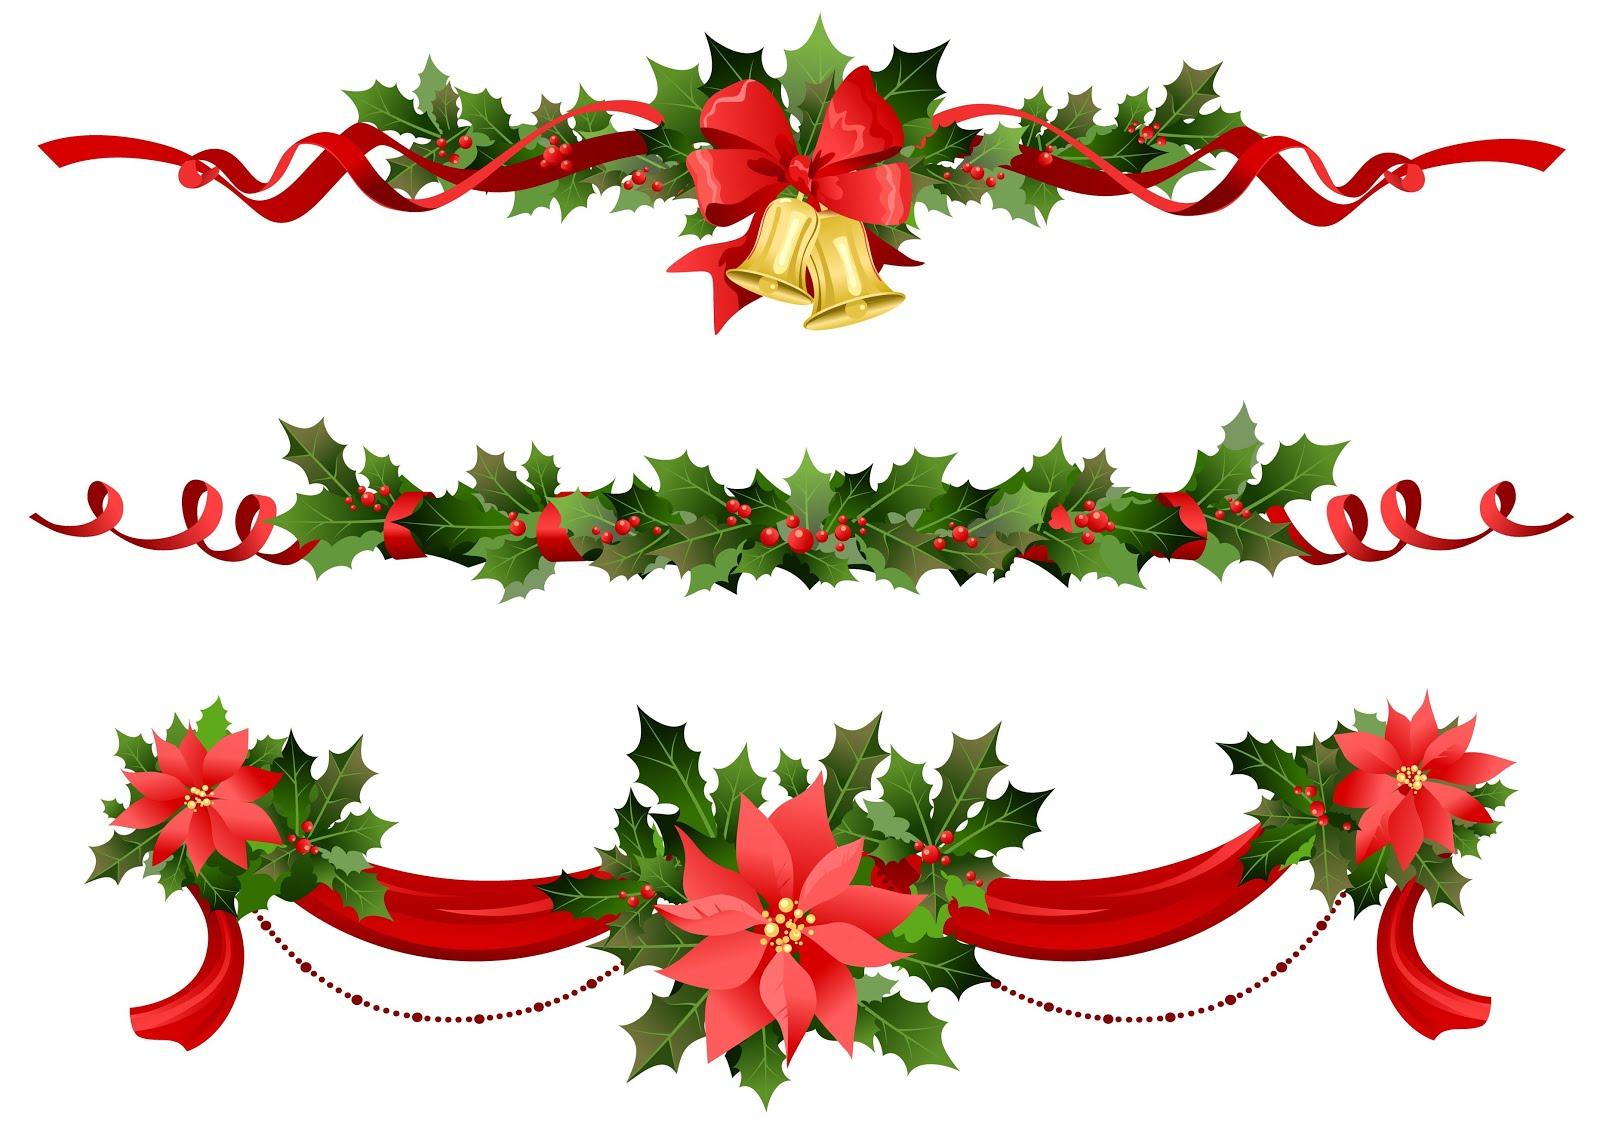 Imagen de cintas para adornos navide os frases de navidad y a o nuevo 2019 - Decoraciones para navidad ...